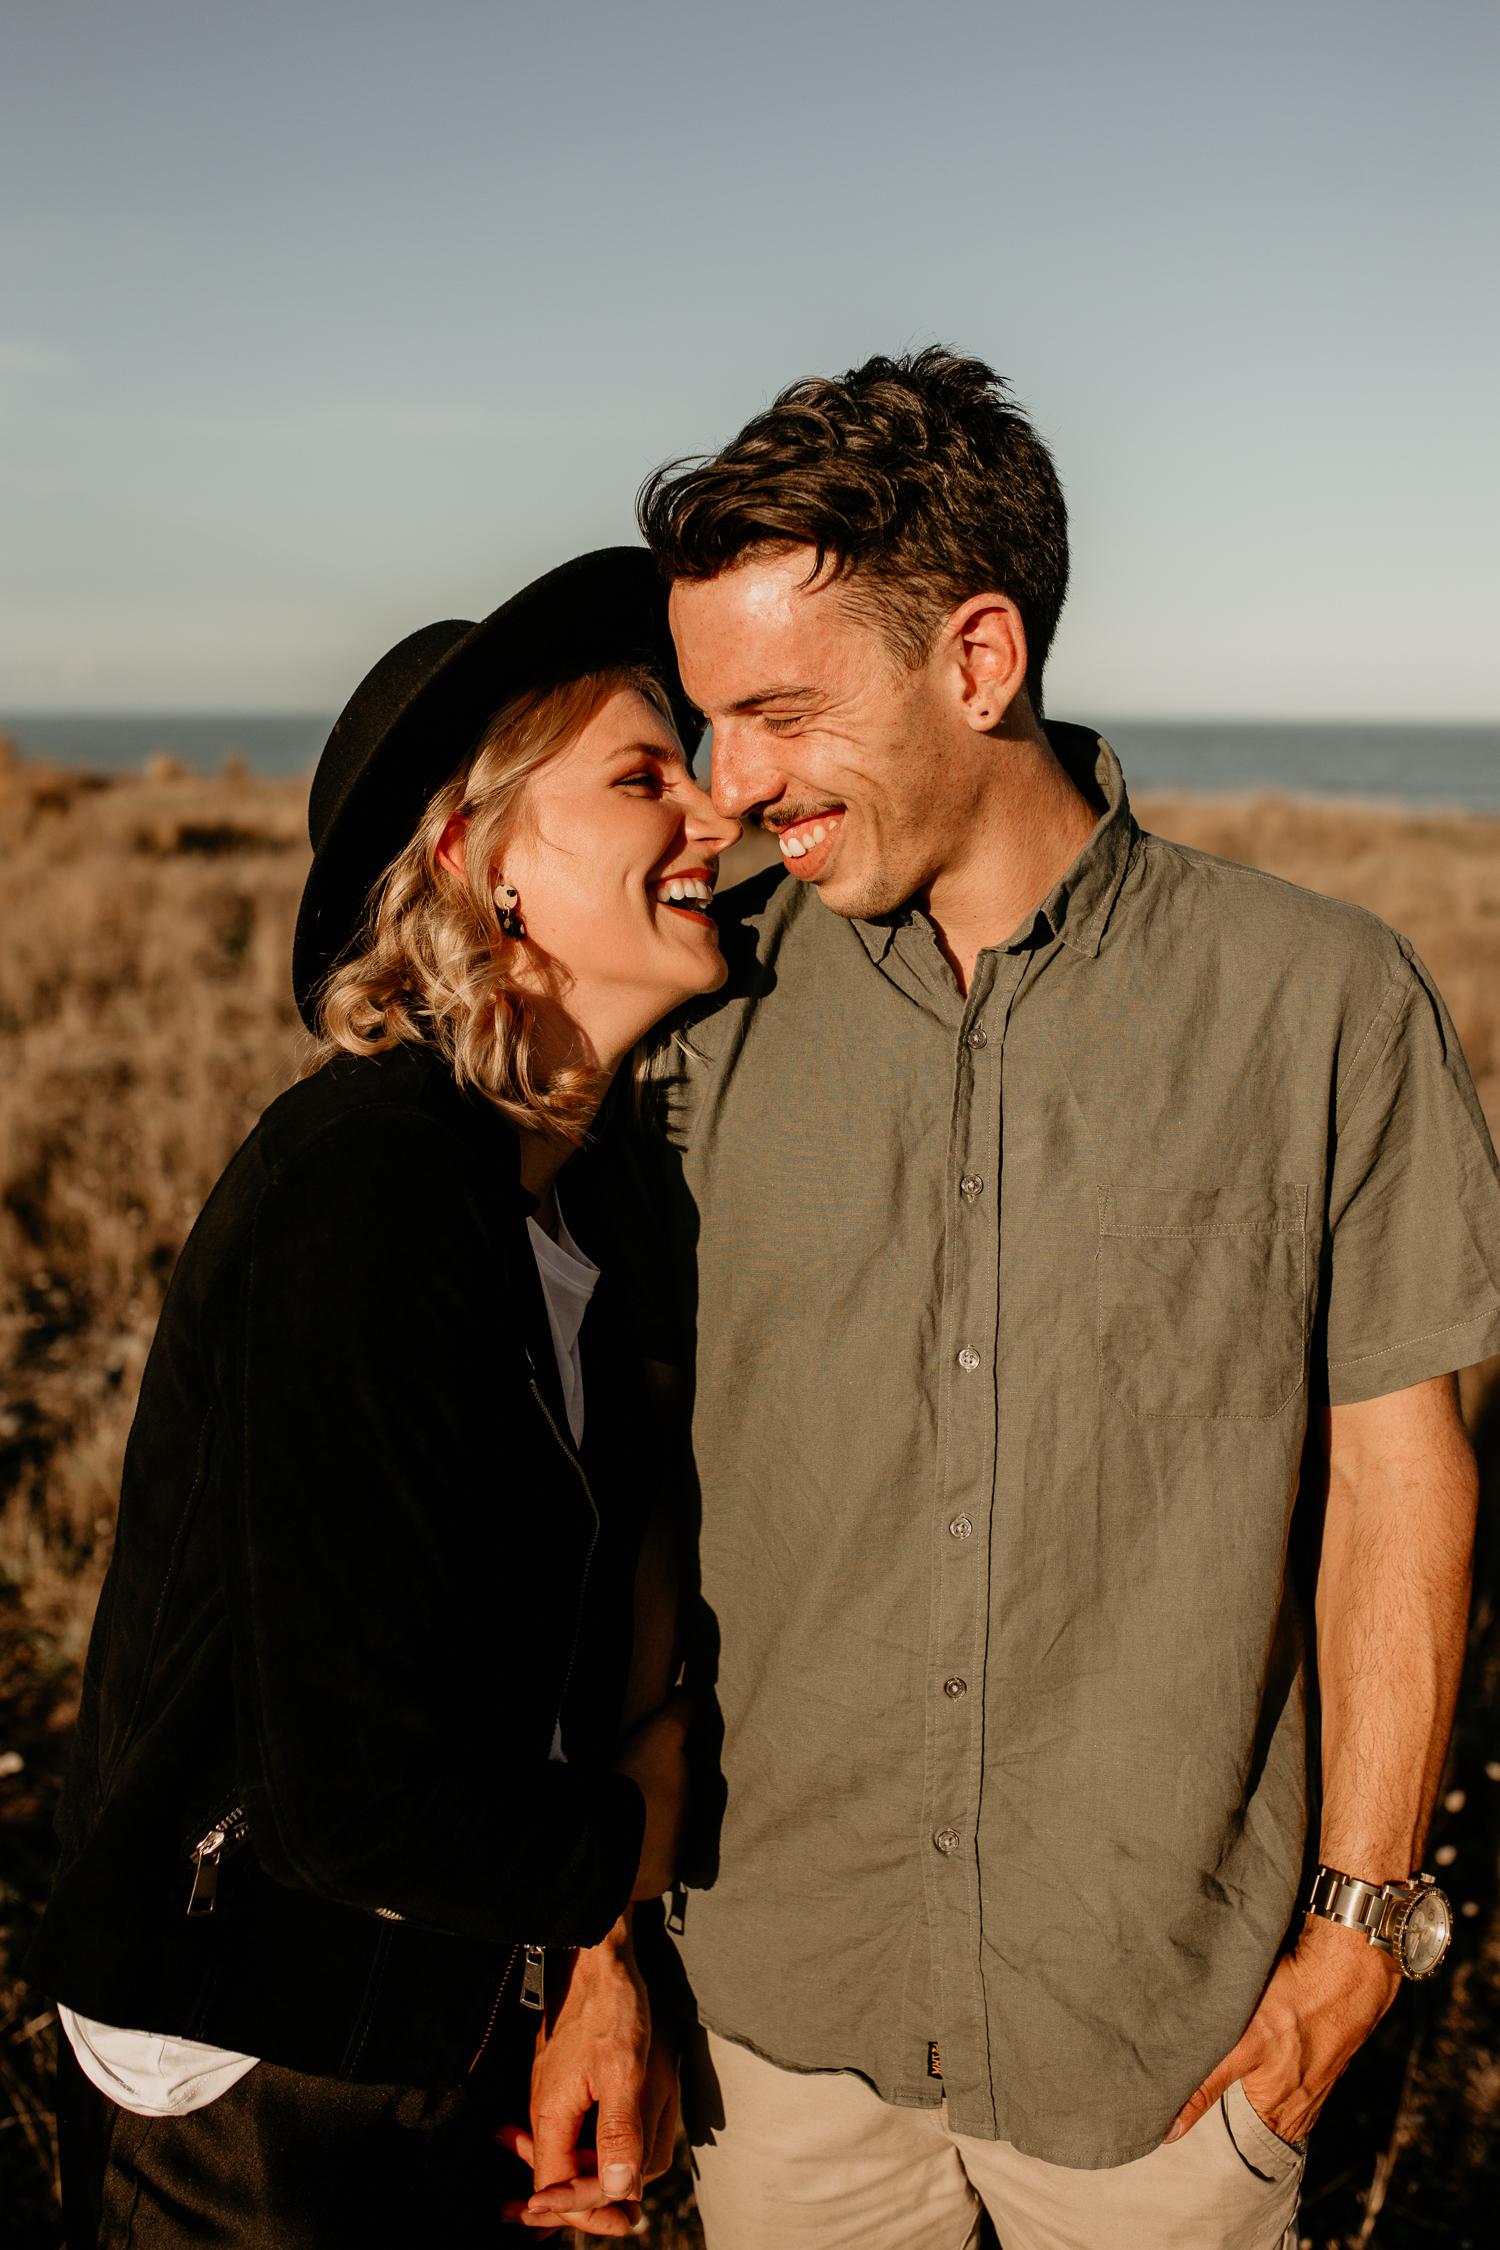 NessChrisWatson-NewZealandPhotographer-GoldenHour-Couple-Adventure-5746.jpg